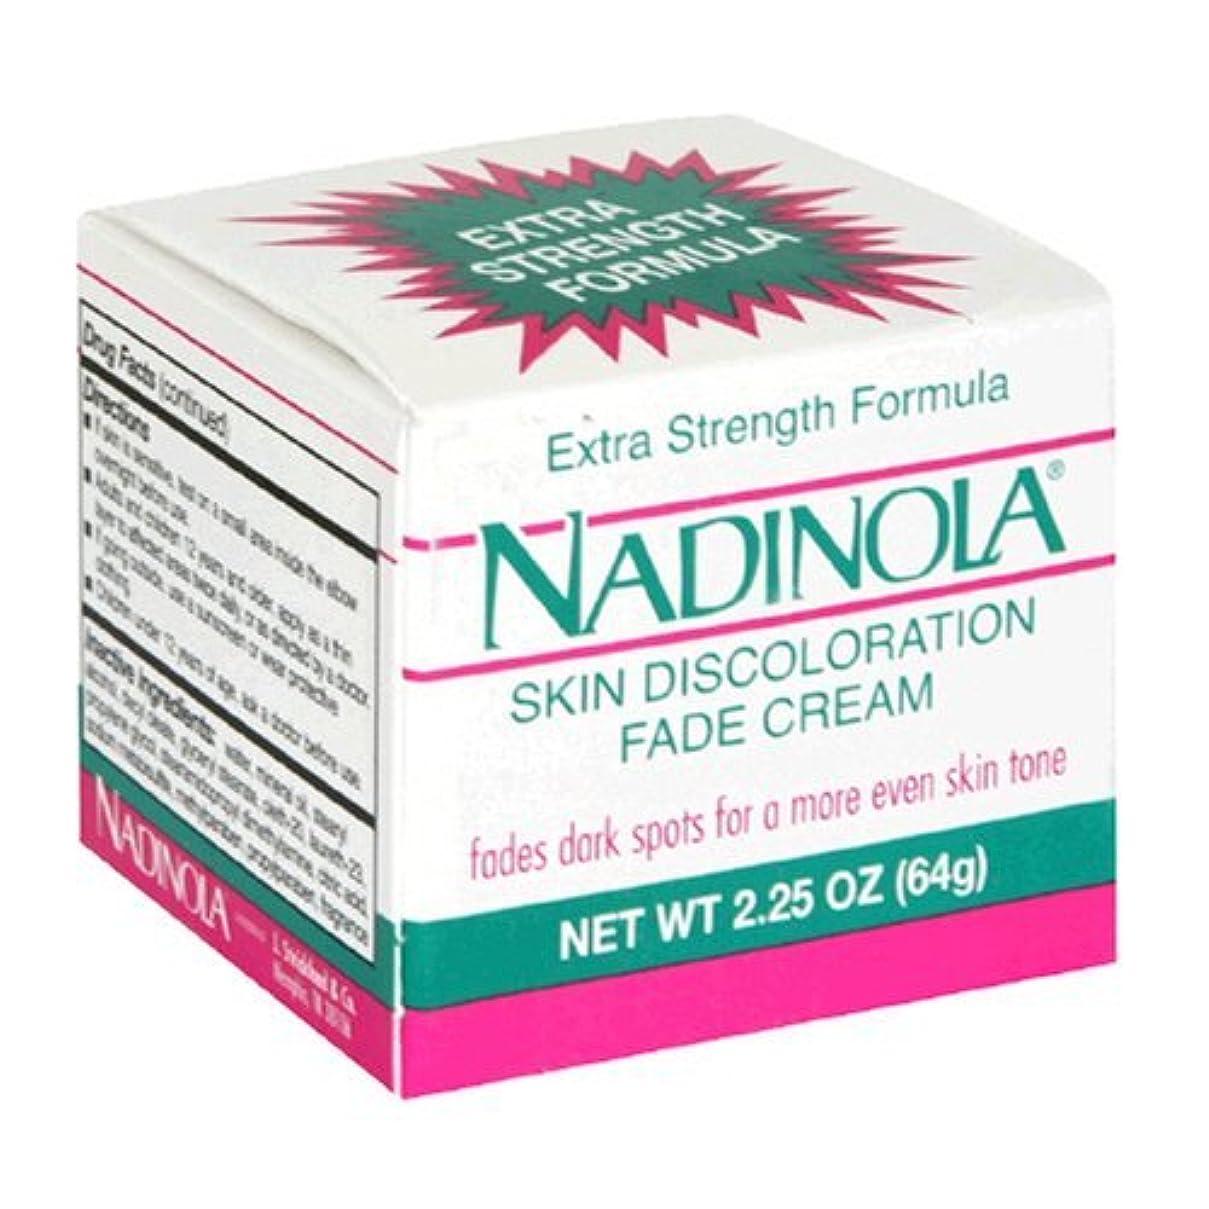 死んでいるとても静かにNadinola Discoloration Fade Cream 2.25oz Extra Strength (並行輸入品)